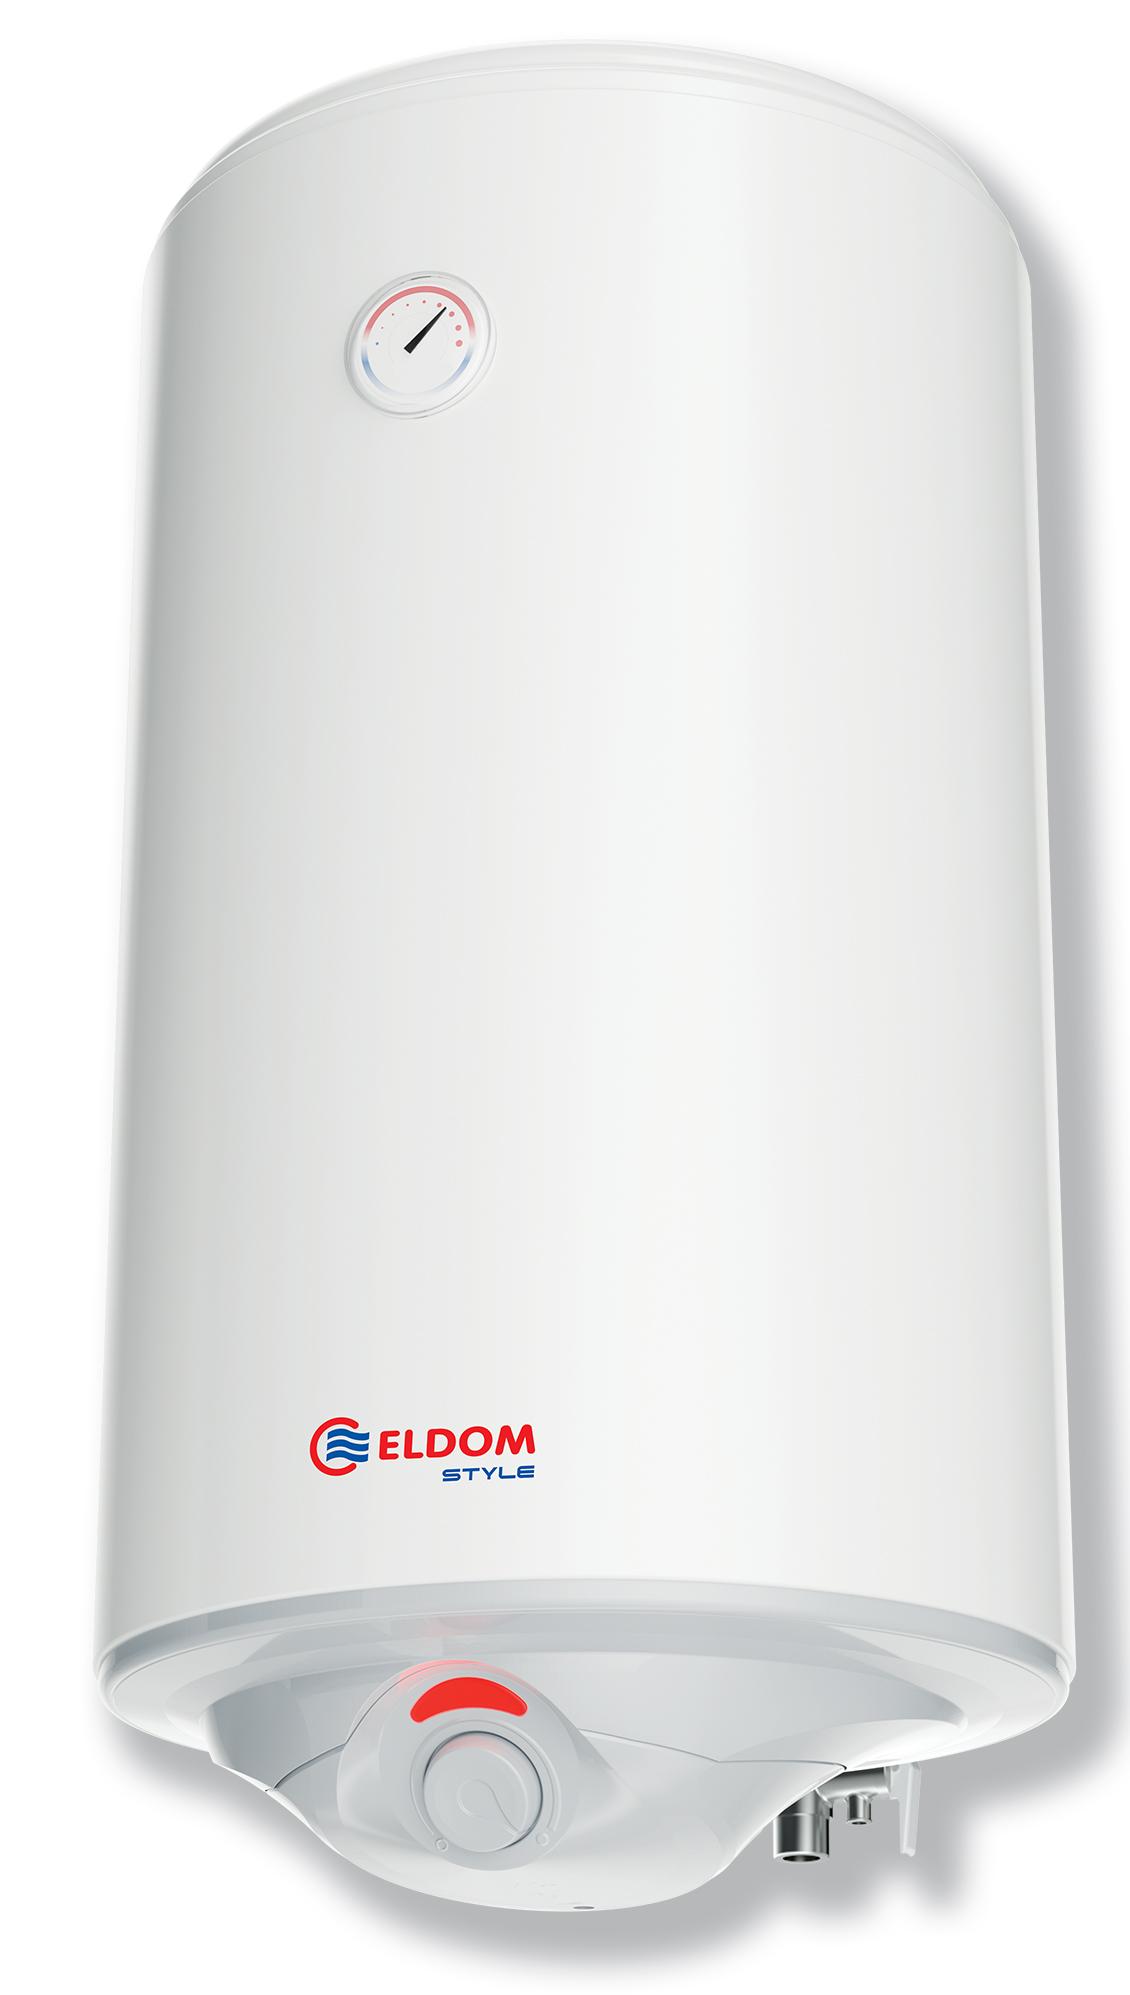 Warmwasserspeicher Eldom Style 100 Liter druckfest